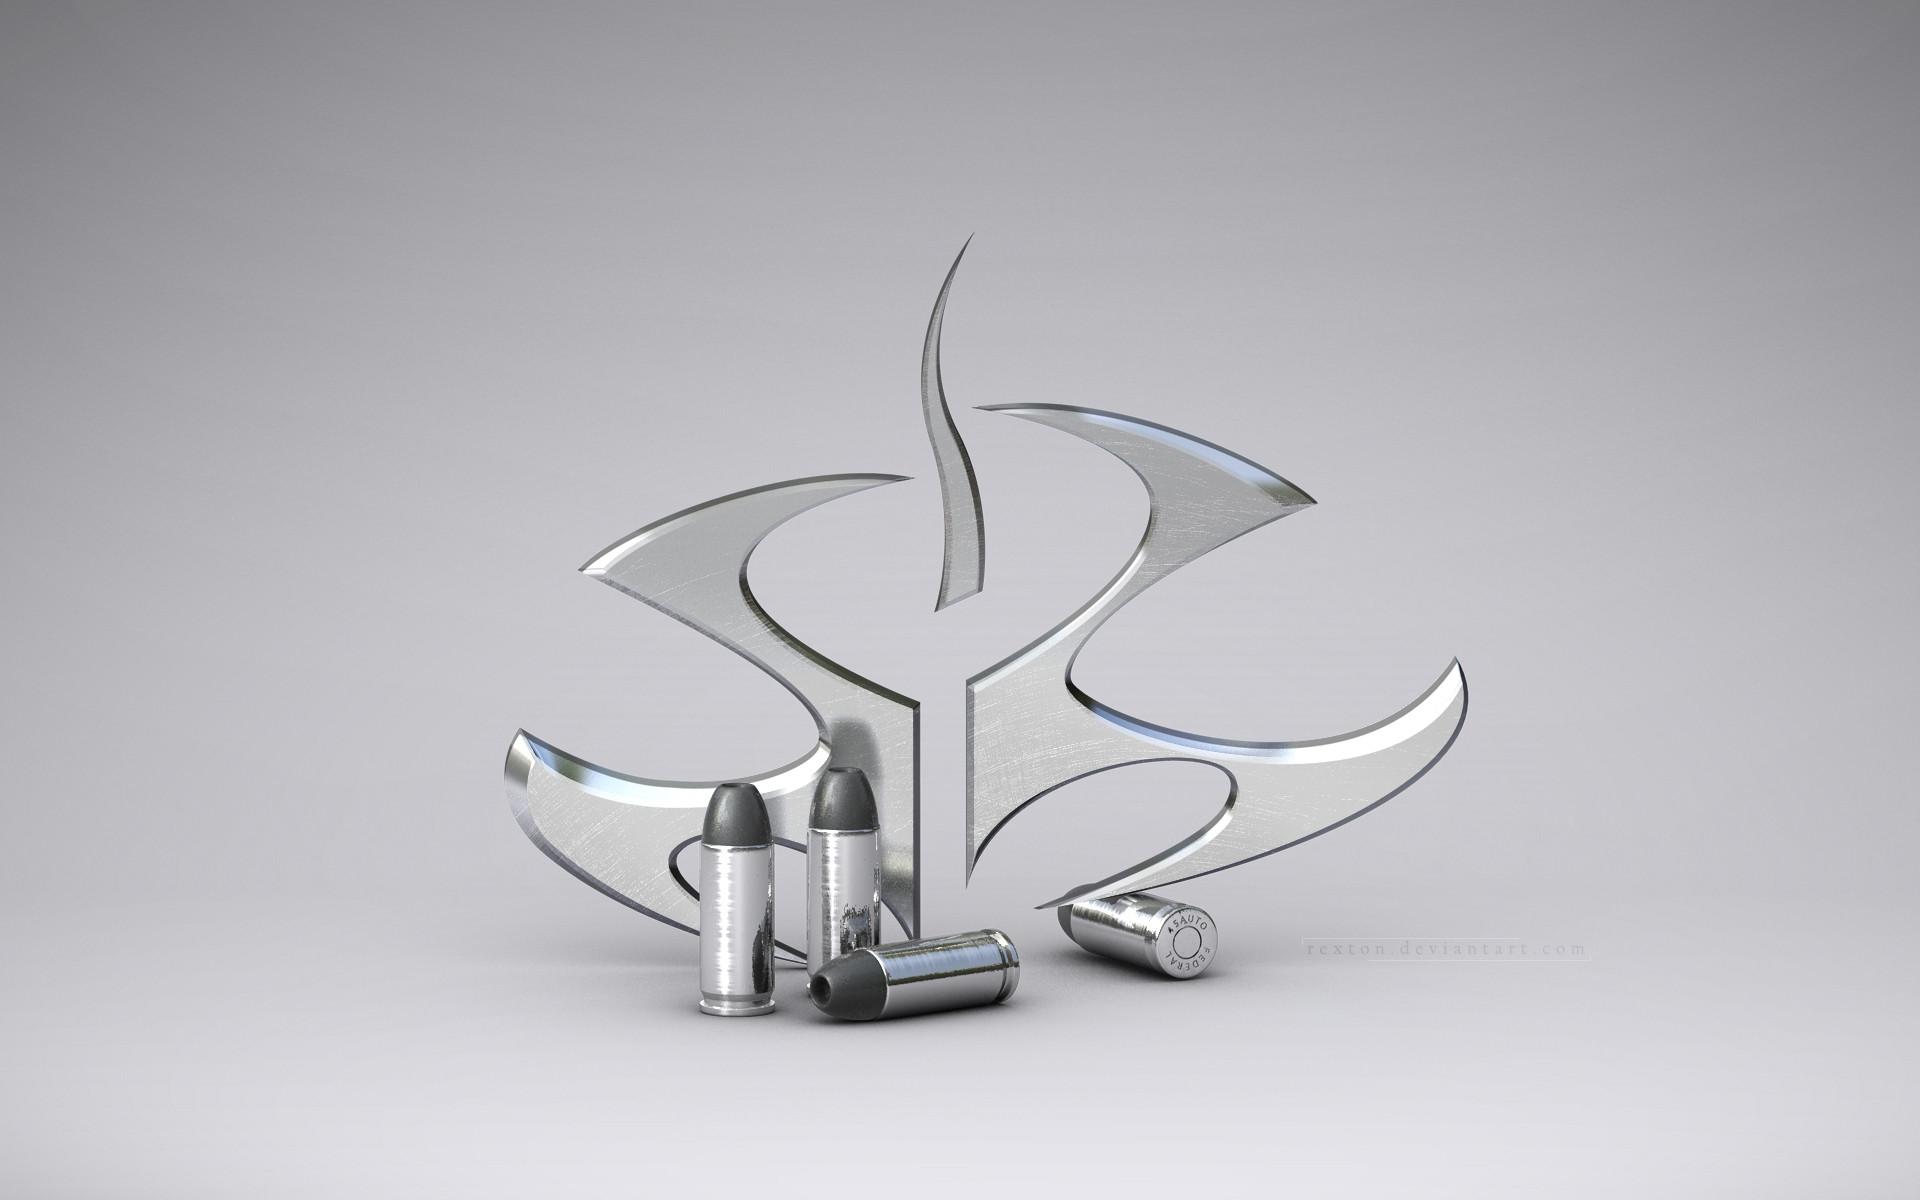 HITMAN LOGO Silver by REXTON HITMAN LOGO Silver by REXTON